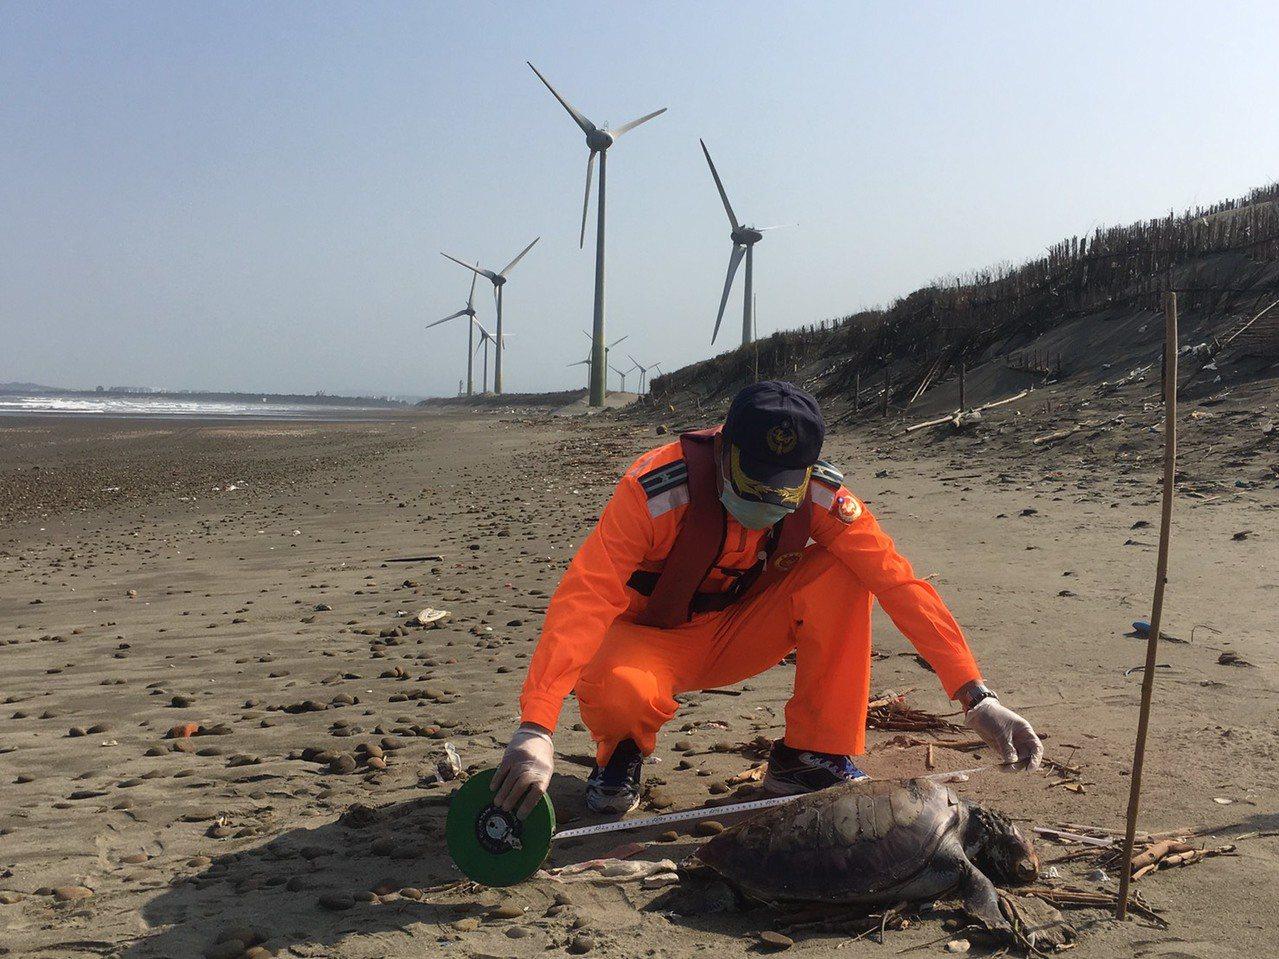 苗栗縣後龍鎮海寶溝沙灘月初發現一隻死亡綠蠵龜,相同地點今天上午又發現有綠蠵龜陳屍...